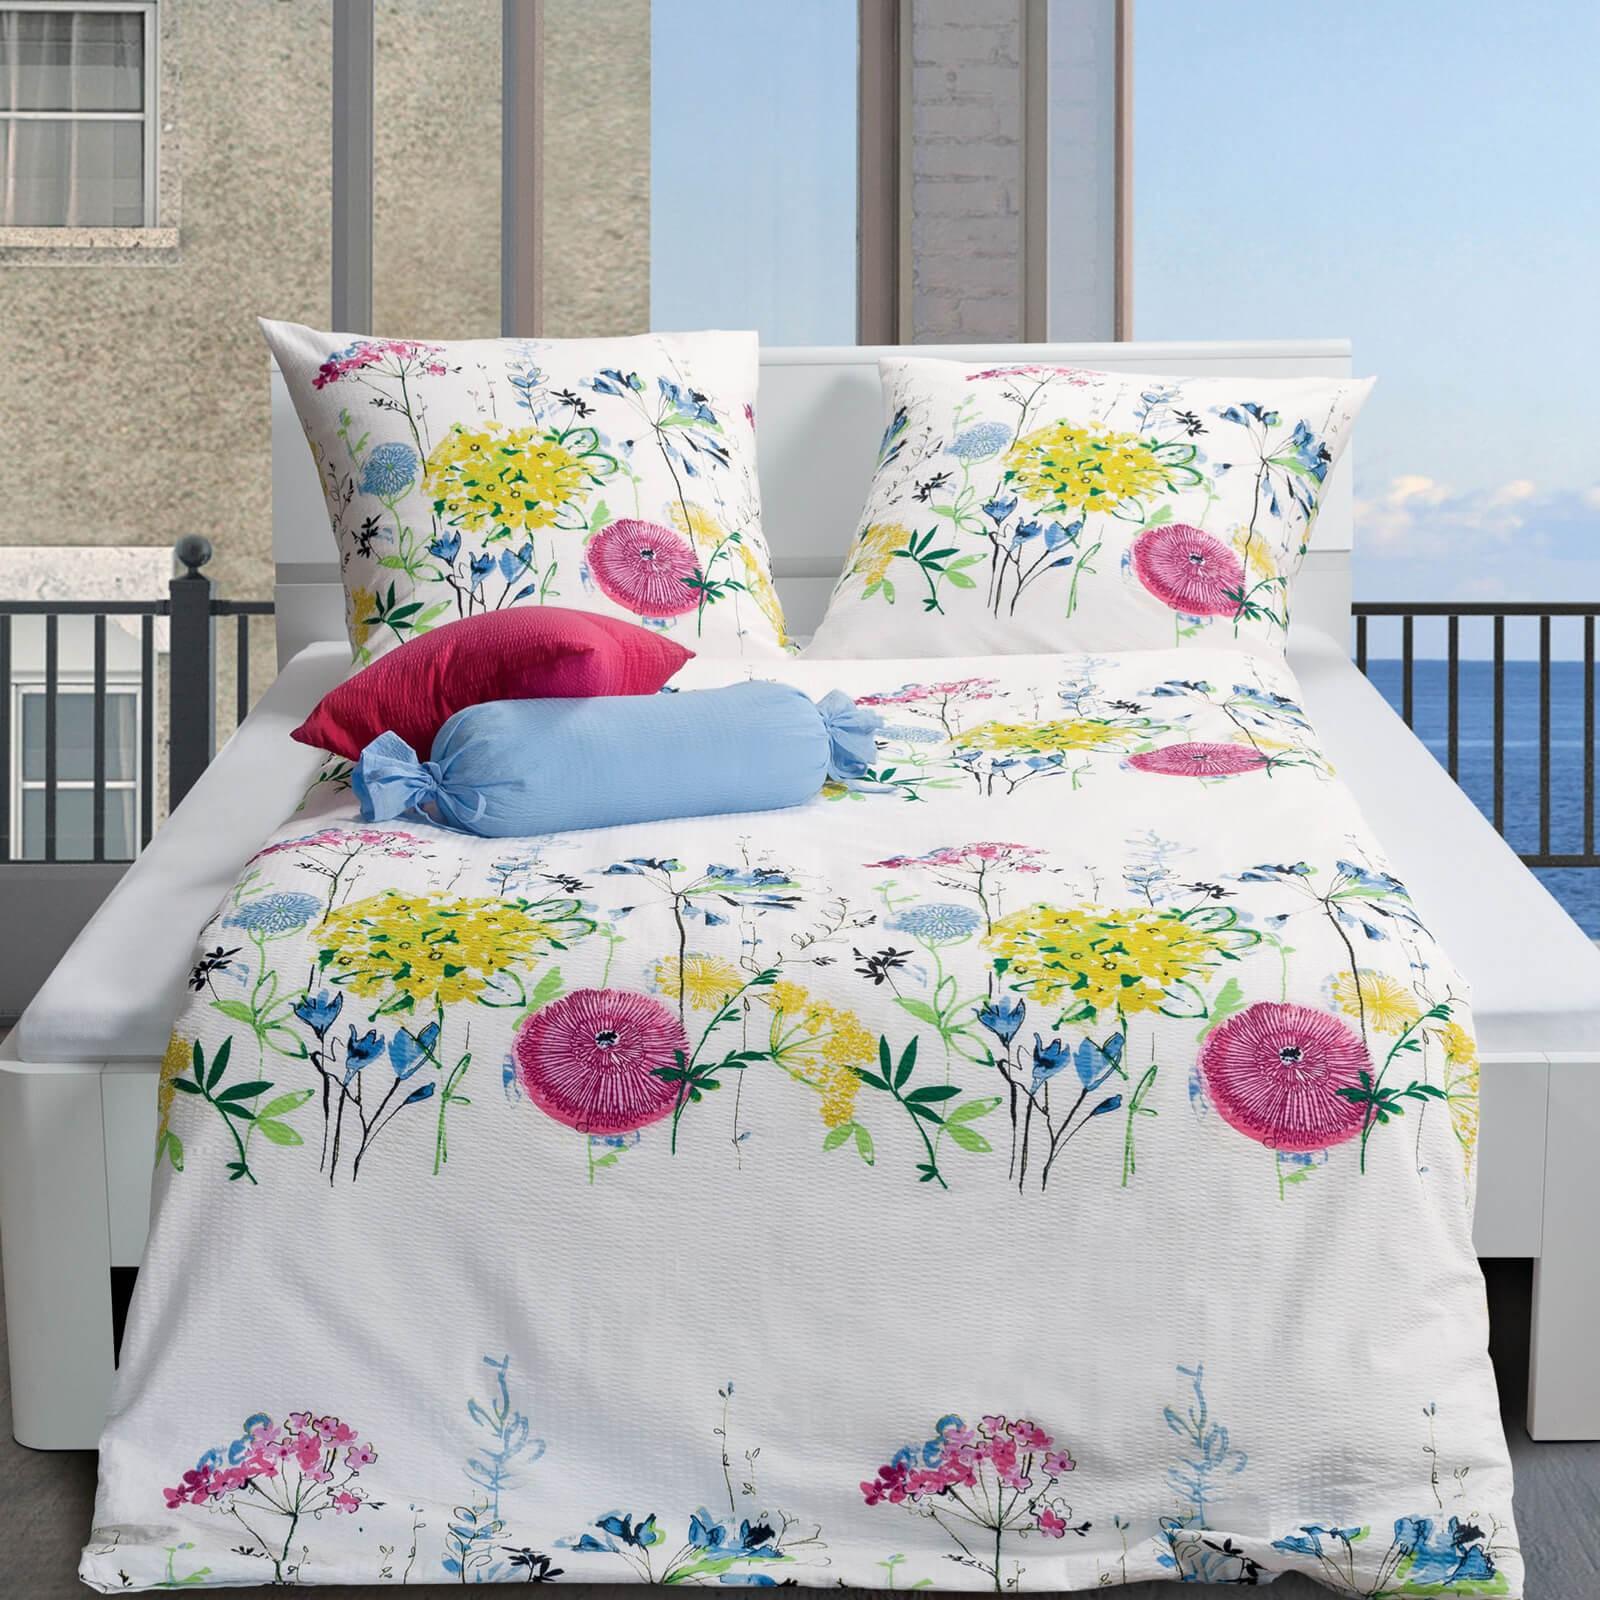 bettw sche janine tango 2433 bunt. Black Bedroom Furniture Sets. Home Design Ideas